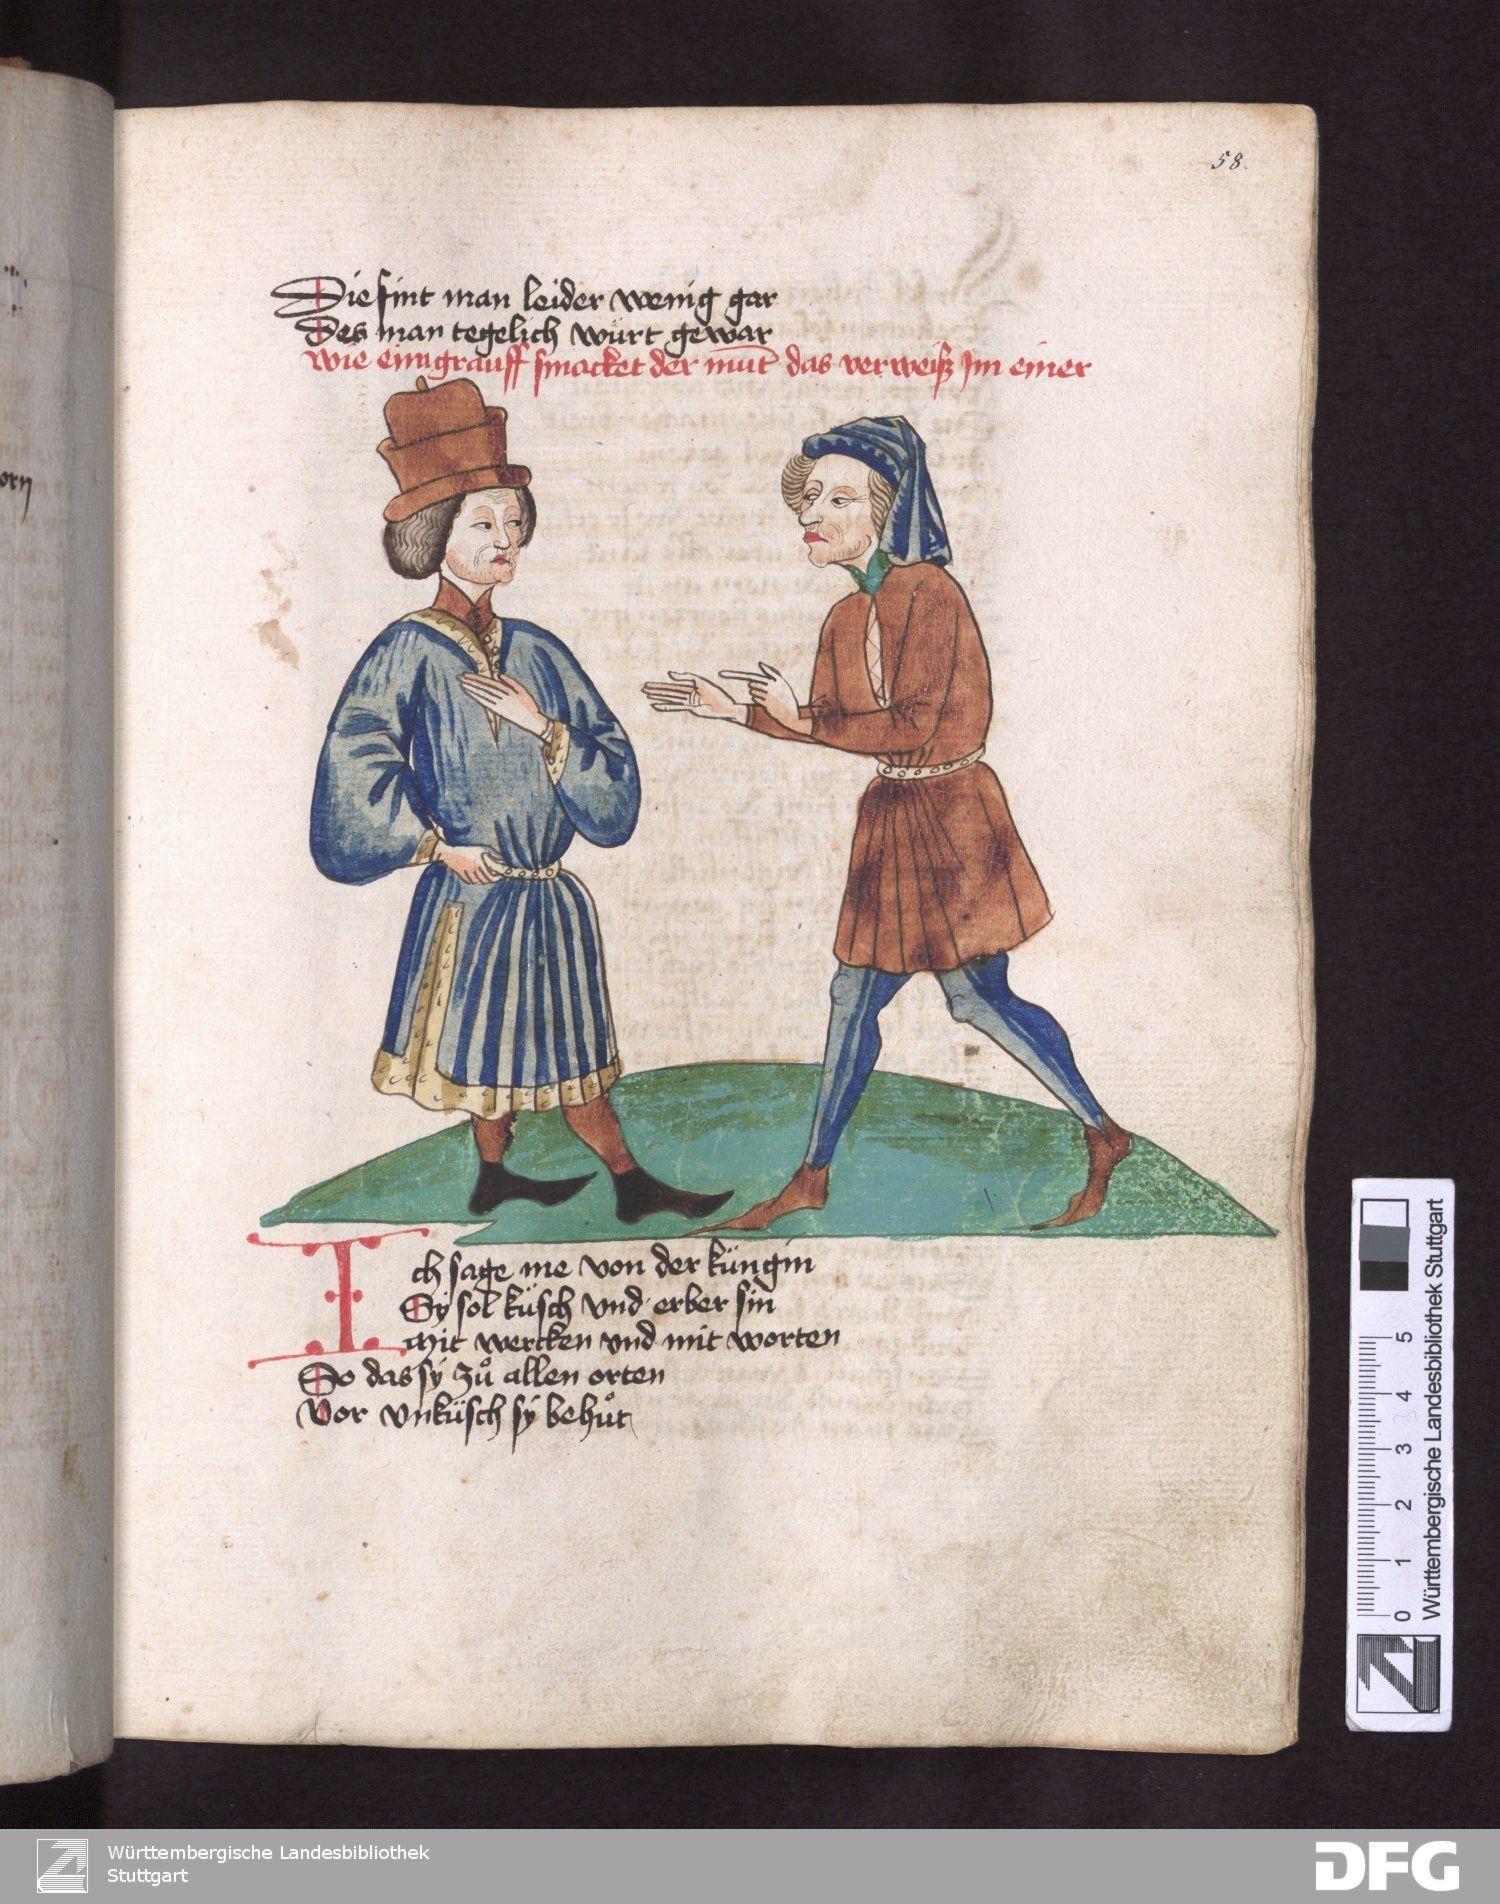 Schachzabelbuch - Cod.poet.et phil.fol.2   Konrad von Ammenhausen   Germany   1467   Wurttemberg State Library   Record #: 330052896   58r